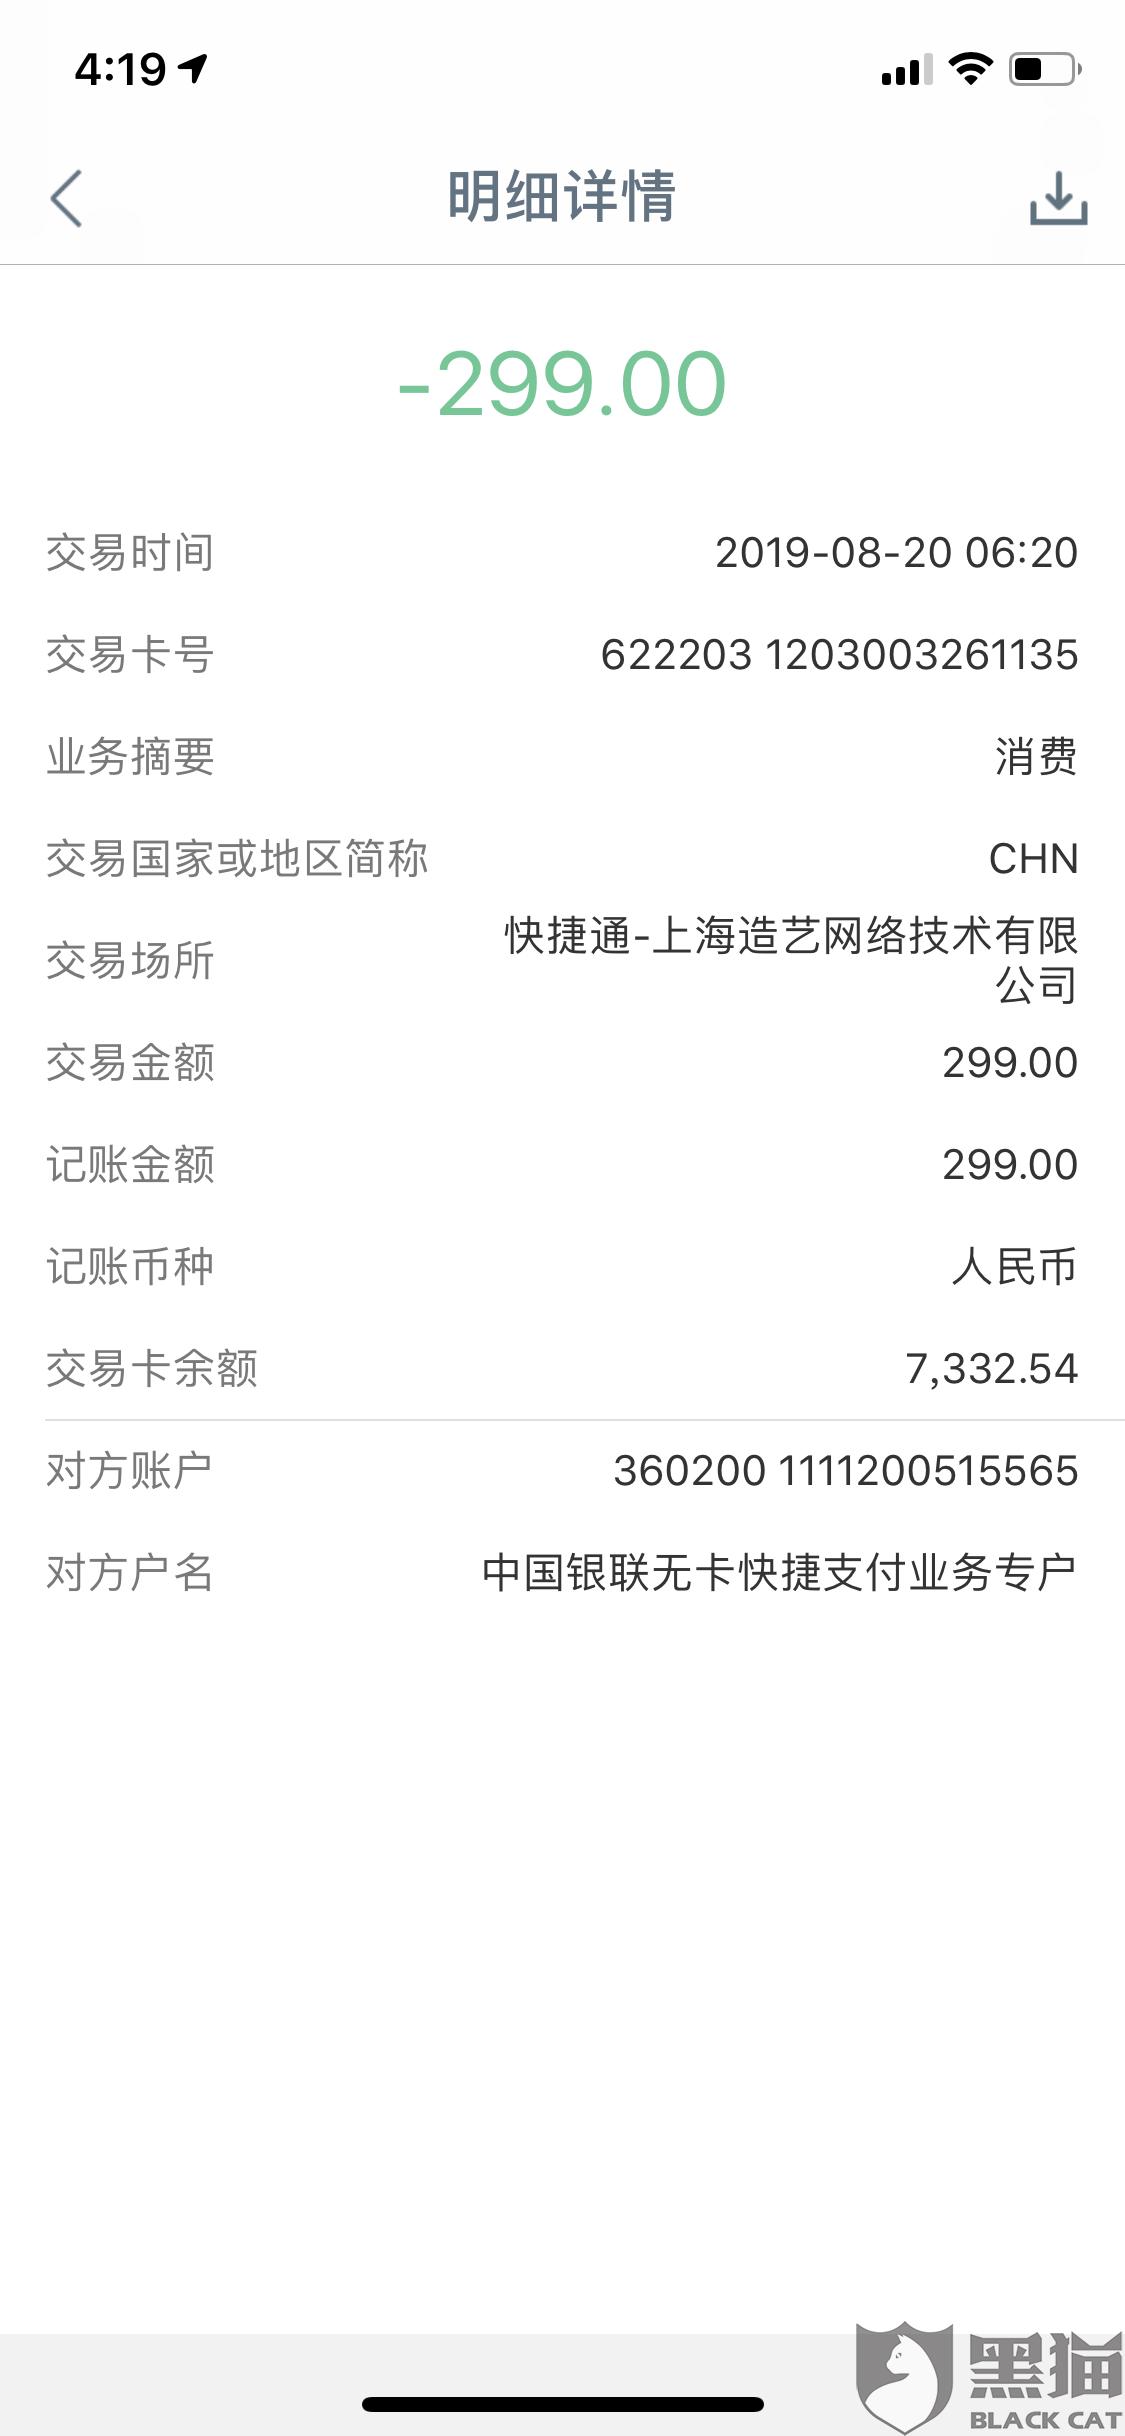 黑猫投诉:上海造艺网络技术有限公司恶意扣款